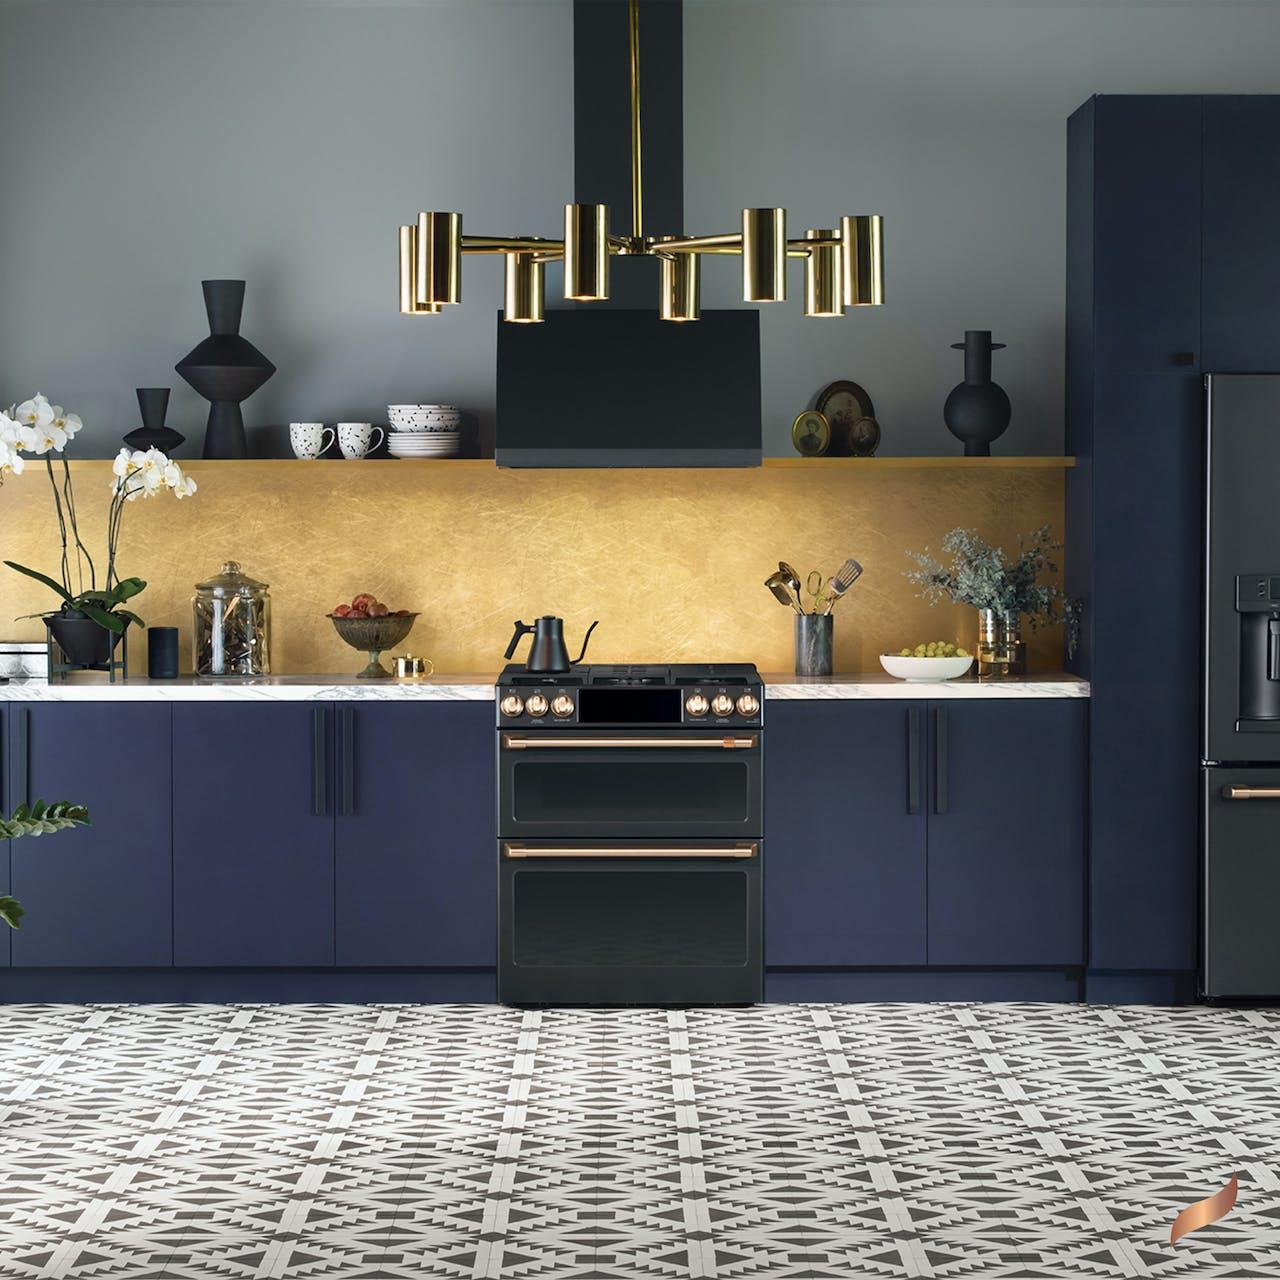 Matte black range in kitchen with navy cabinets